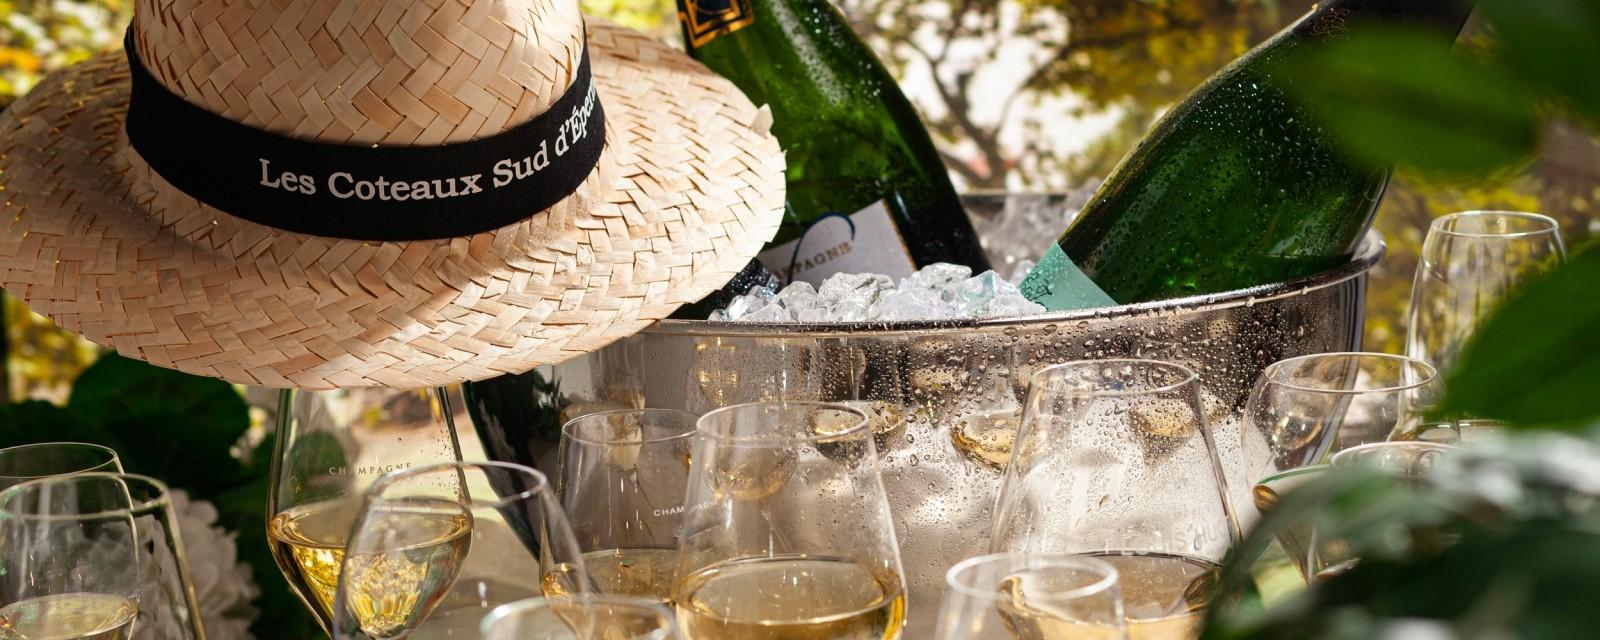 Association des Côteaux Sud D'Épernay - Champagne